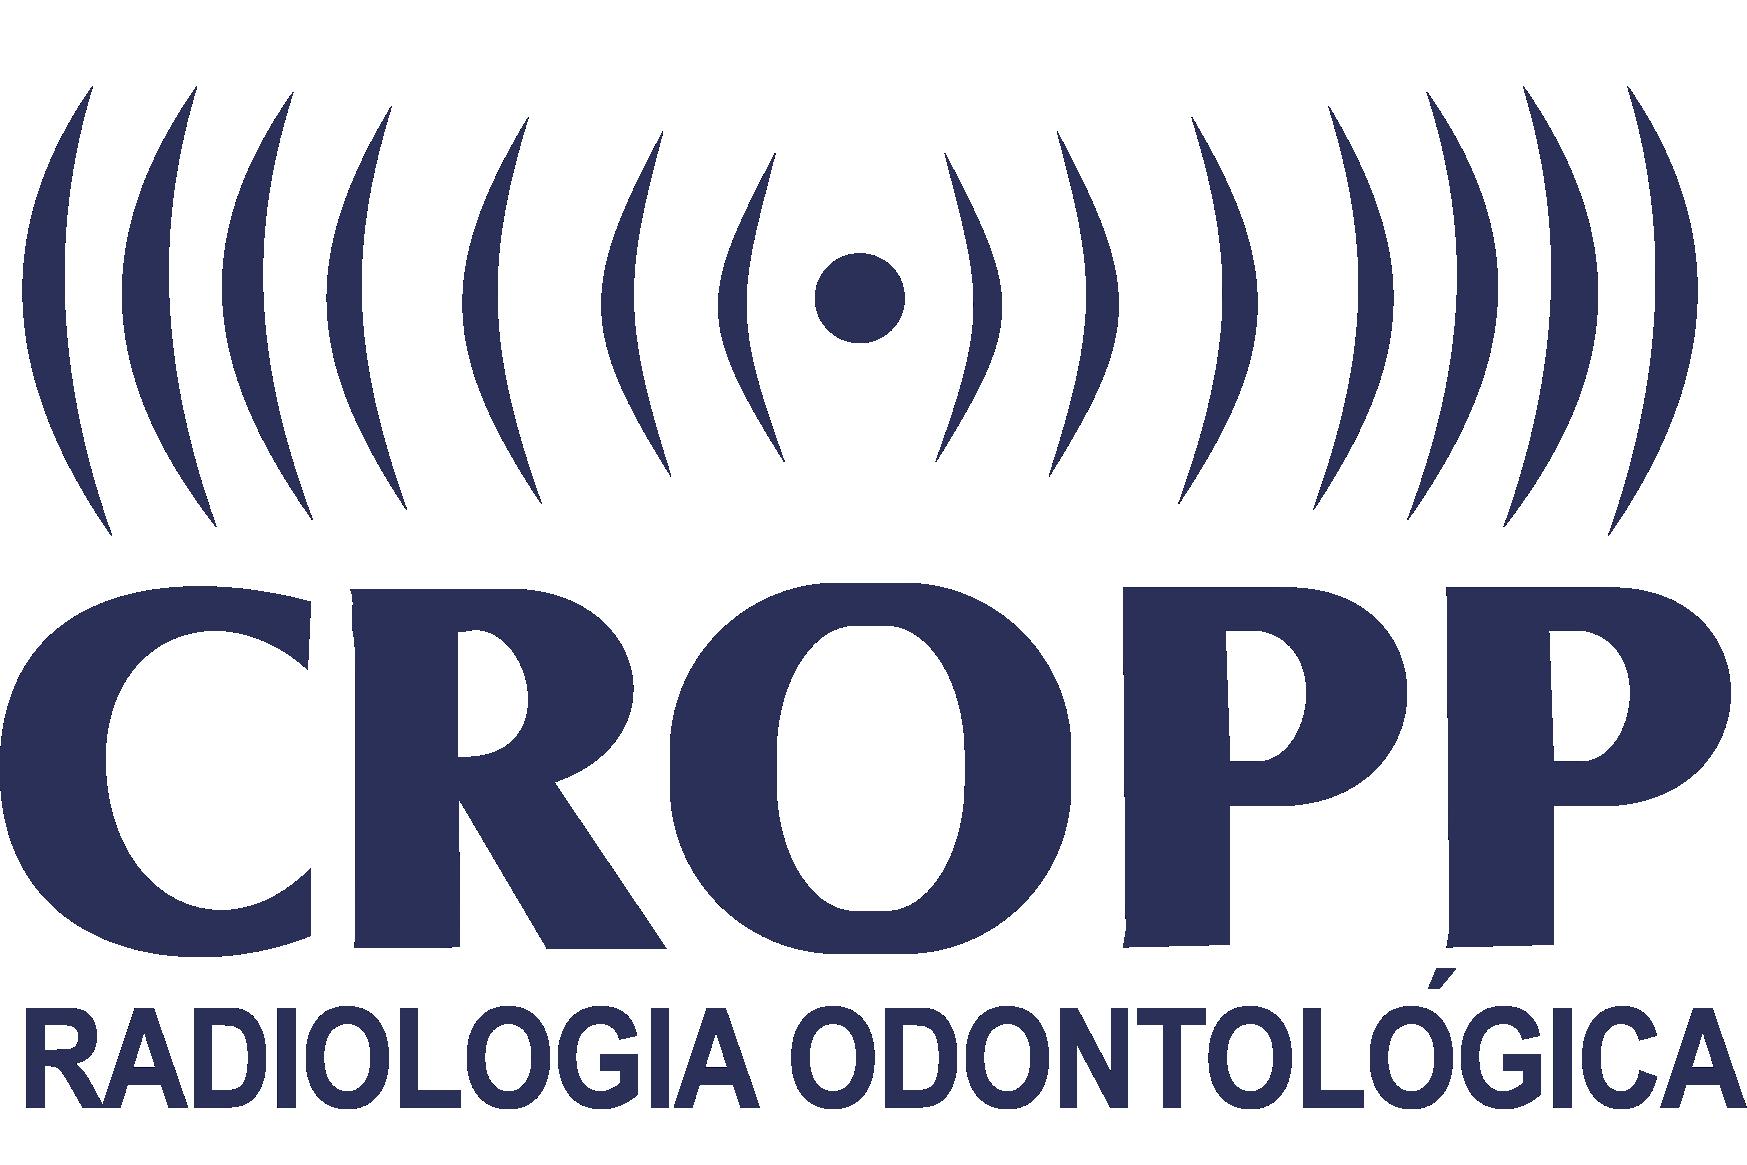 LogoCropp